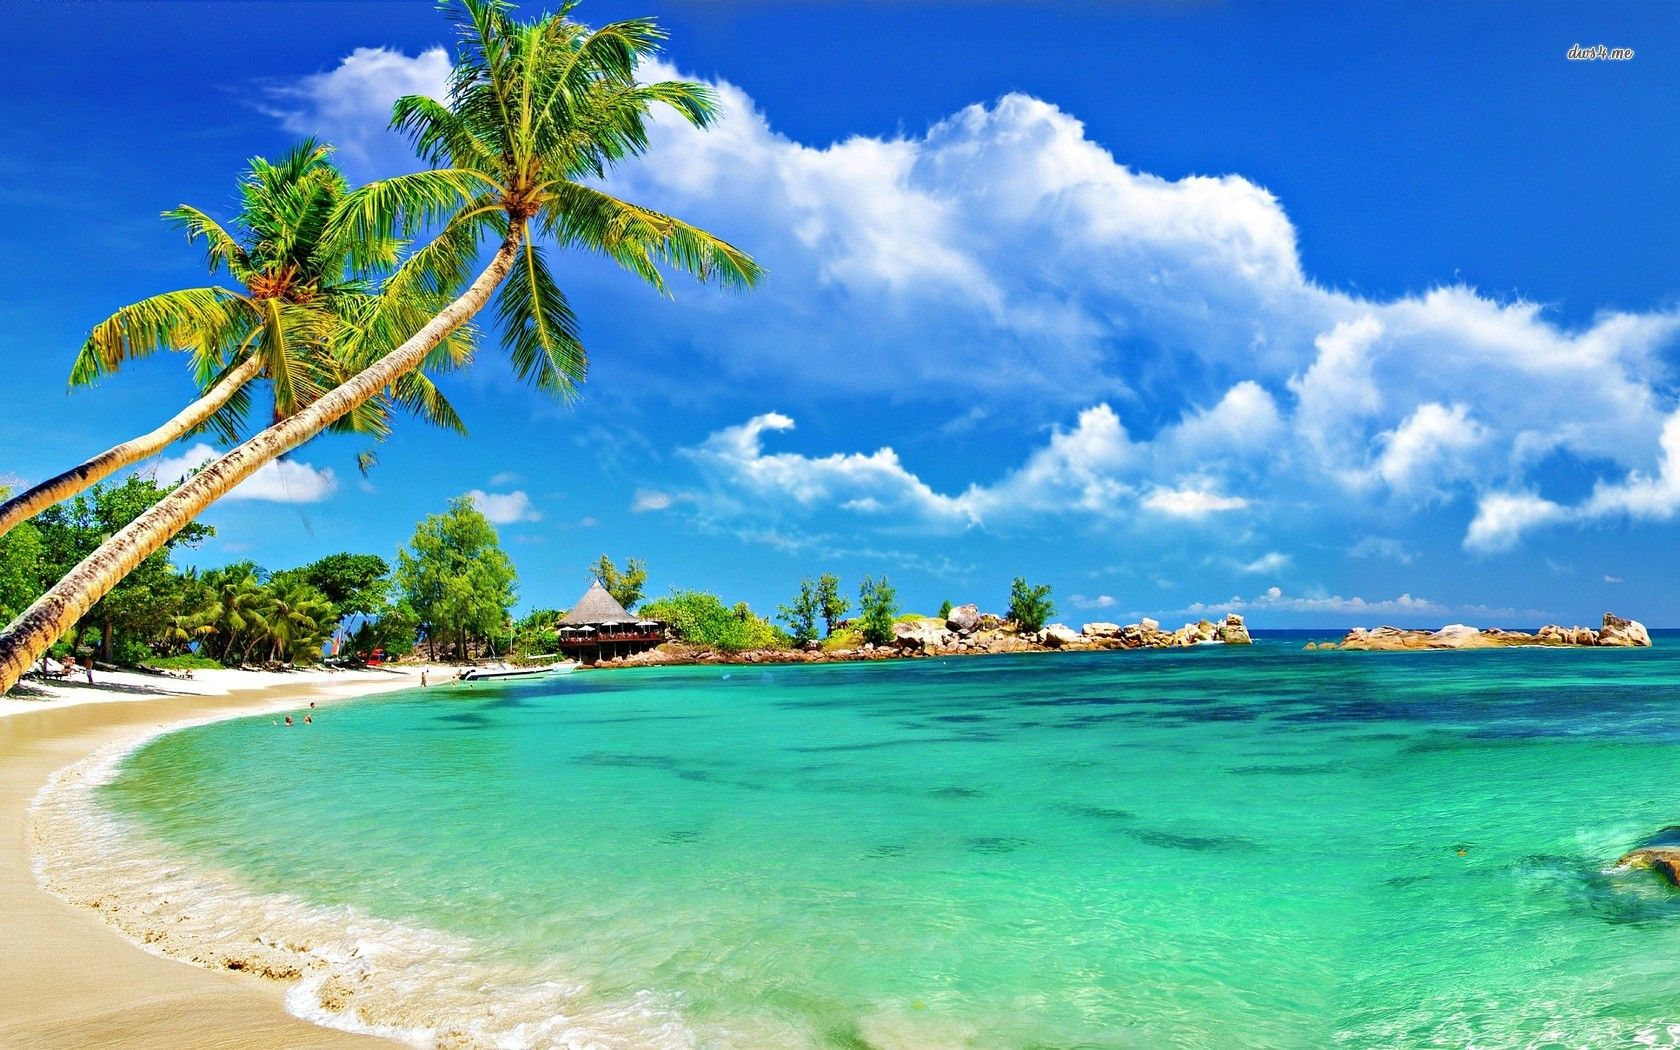 Tropical Beach Hd Wallpaper Beach Background Beach Wallpaper Beach Background Images